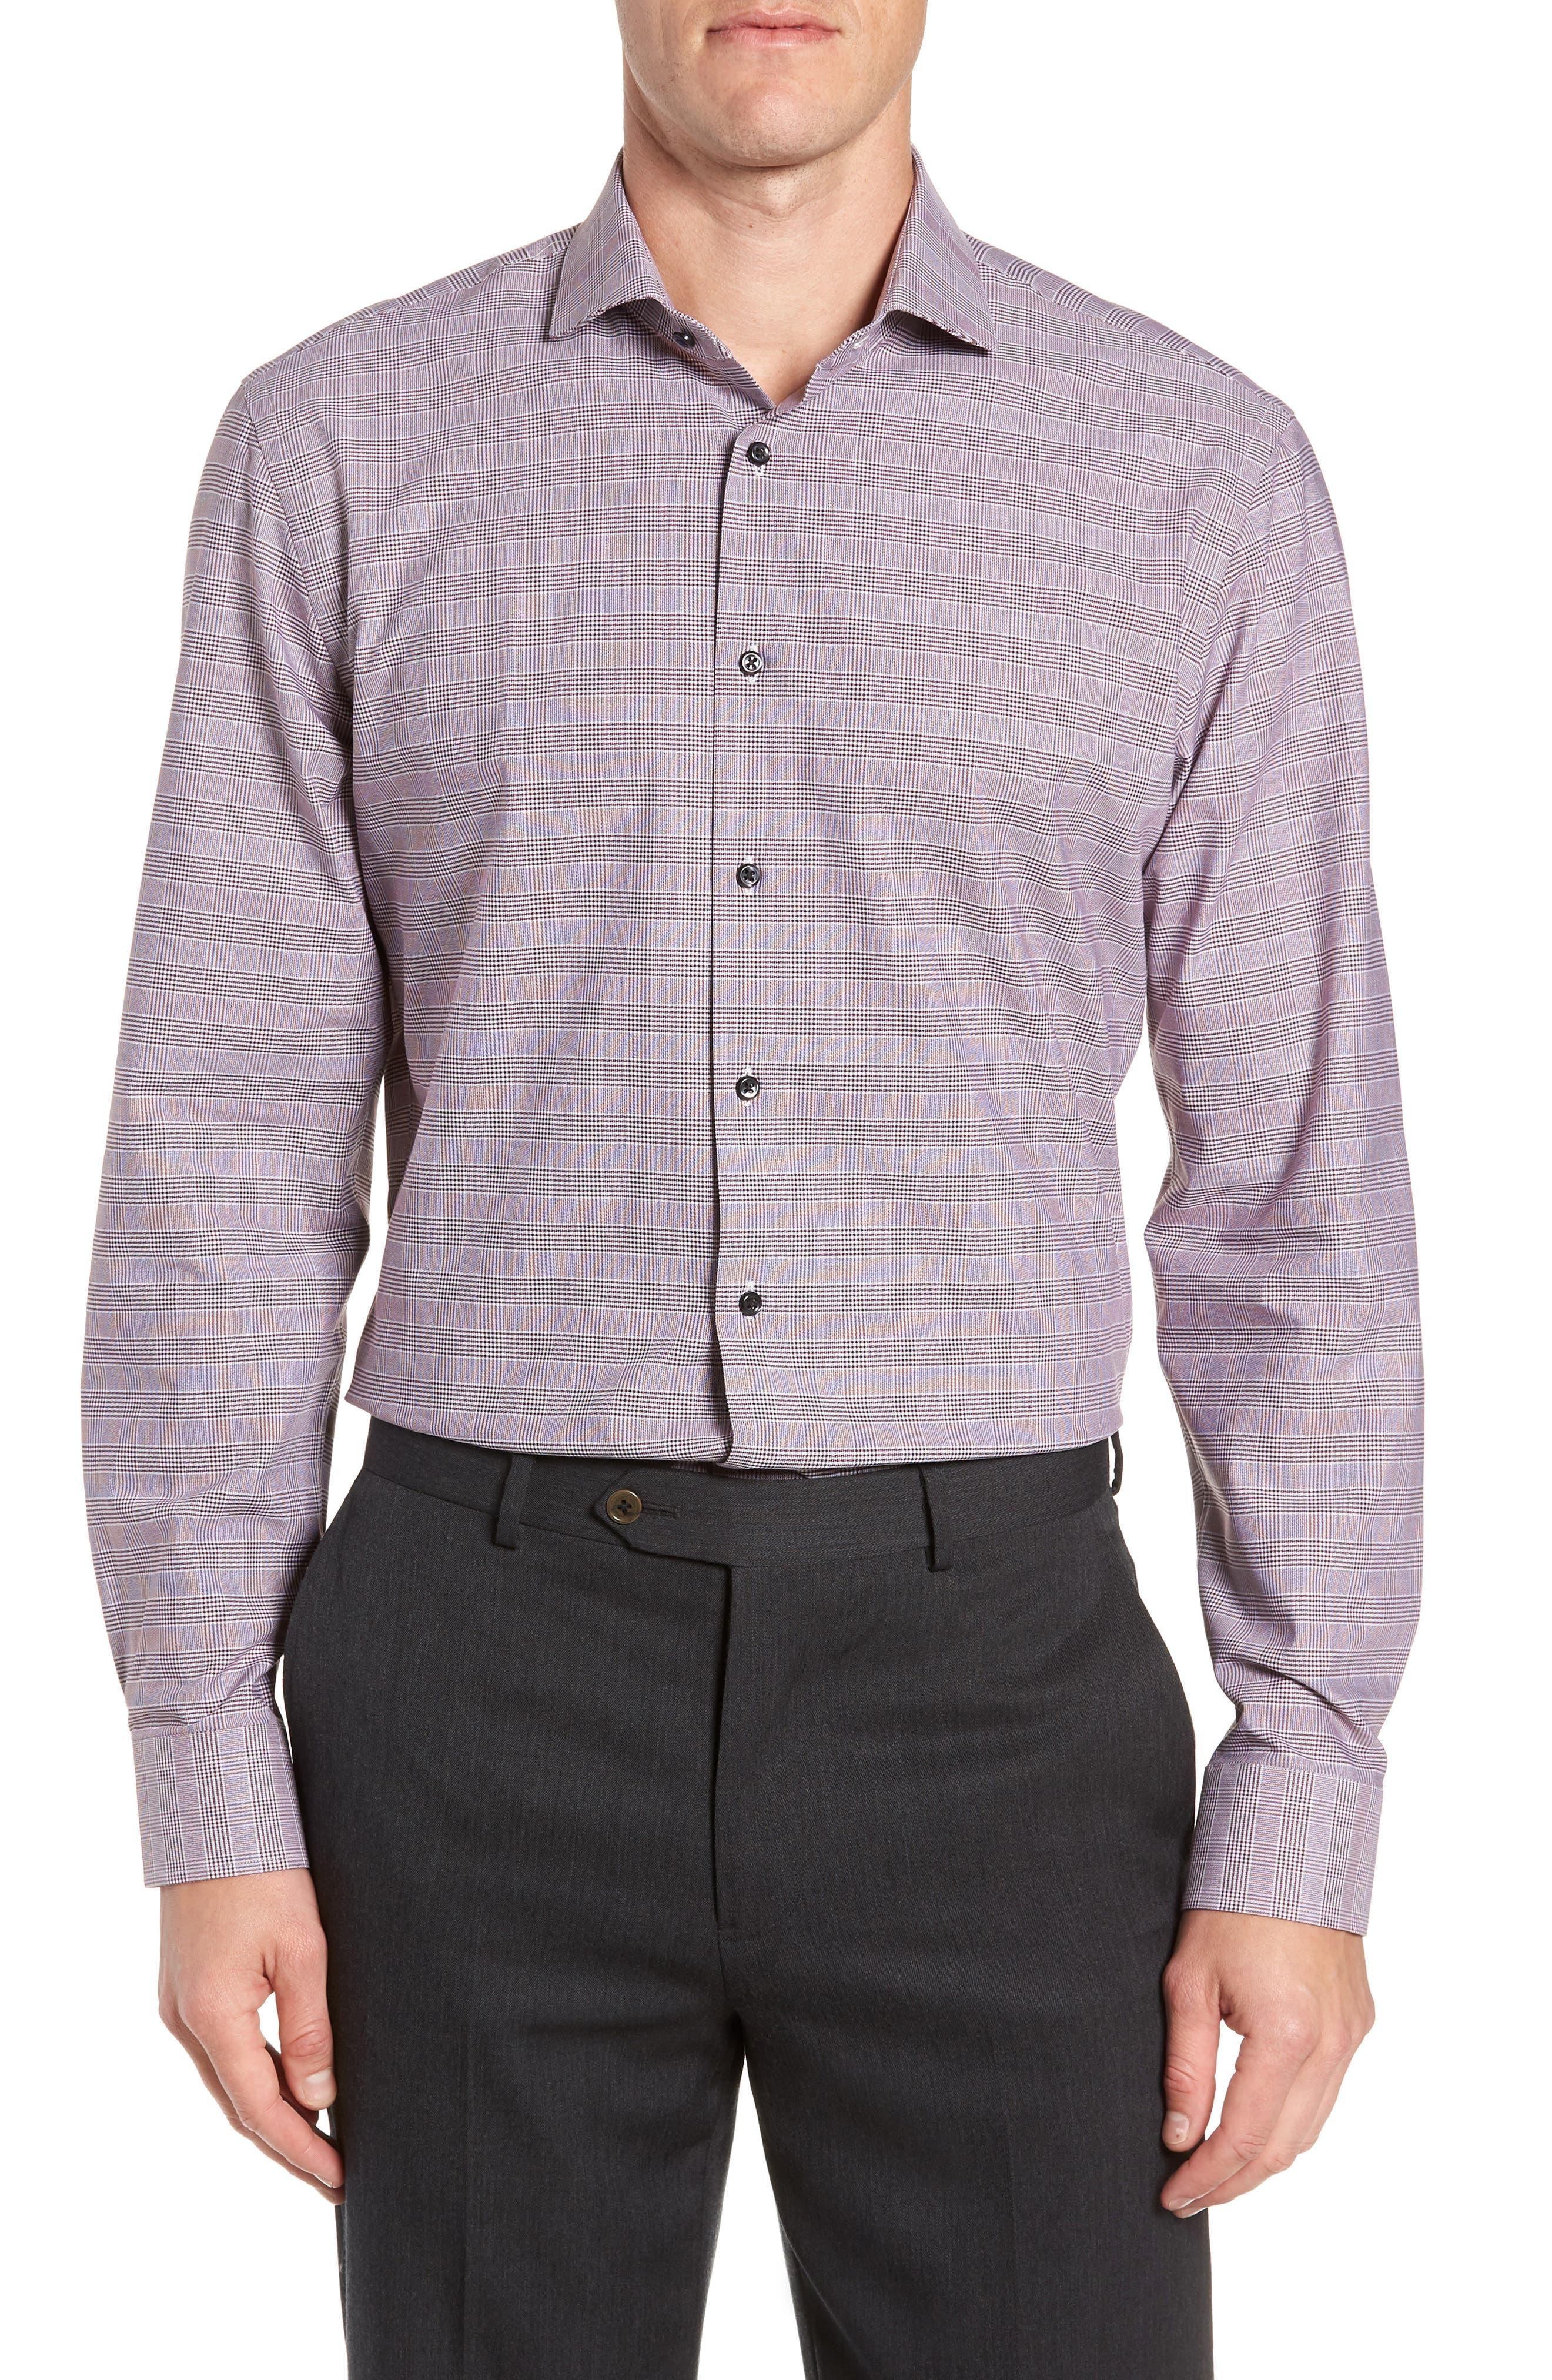 Tech-Smart Trim Fit Stretch Plaid Dress Shirt,                             Main thumbnail 4, color,